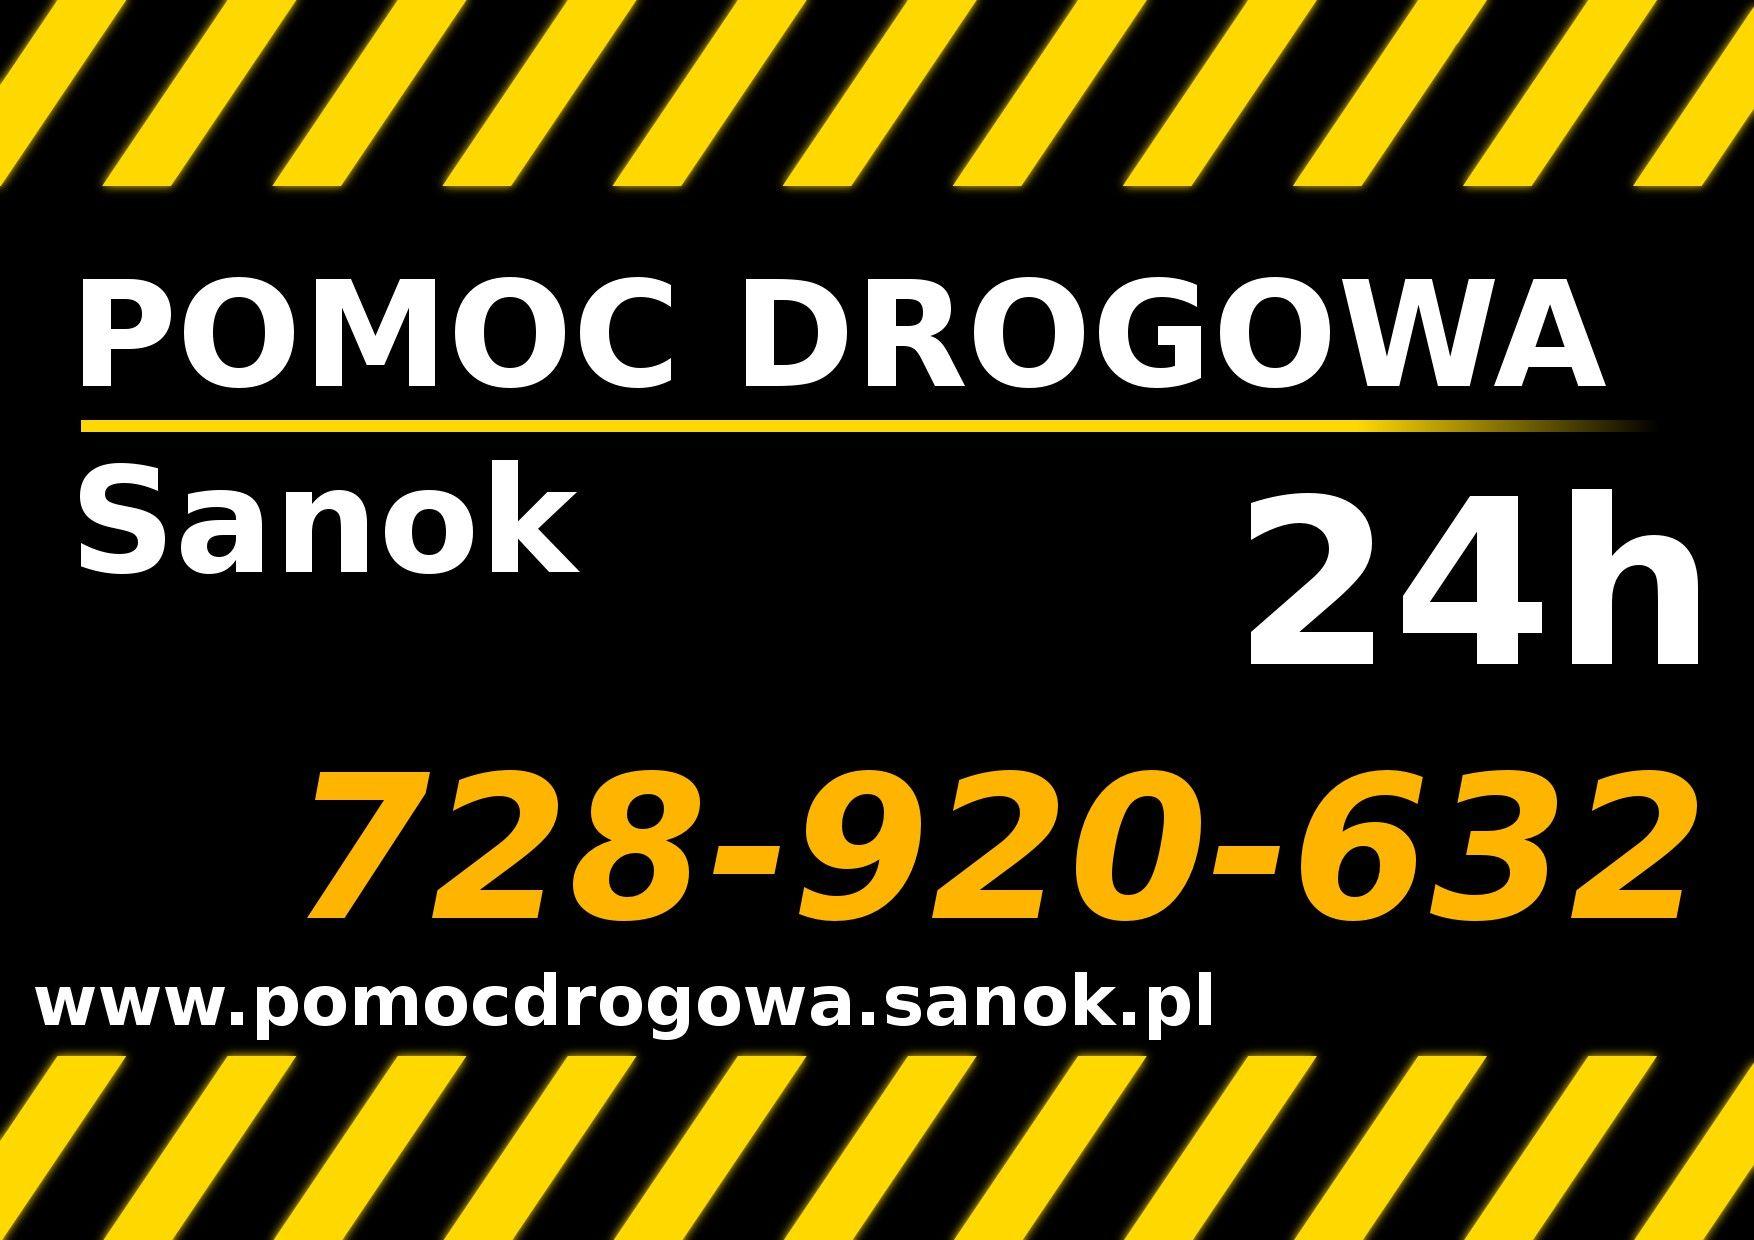 Pomoc Drogowa Sanok